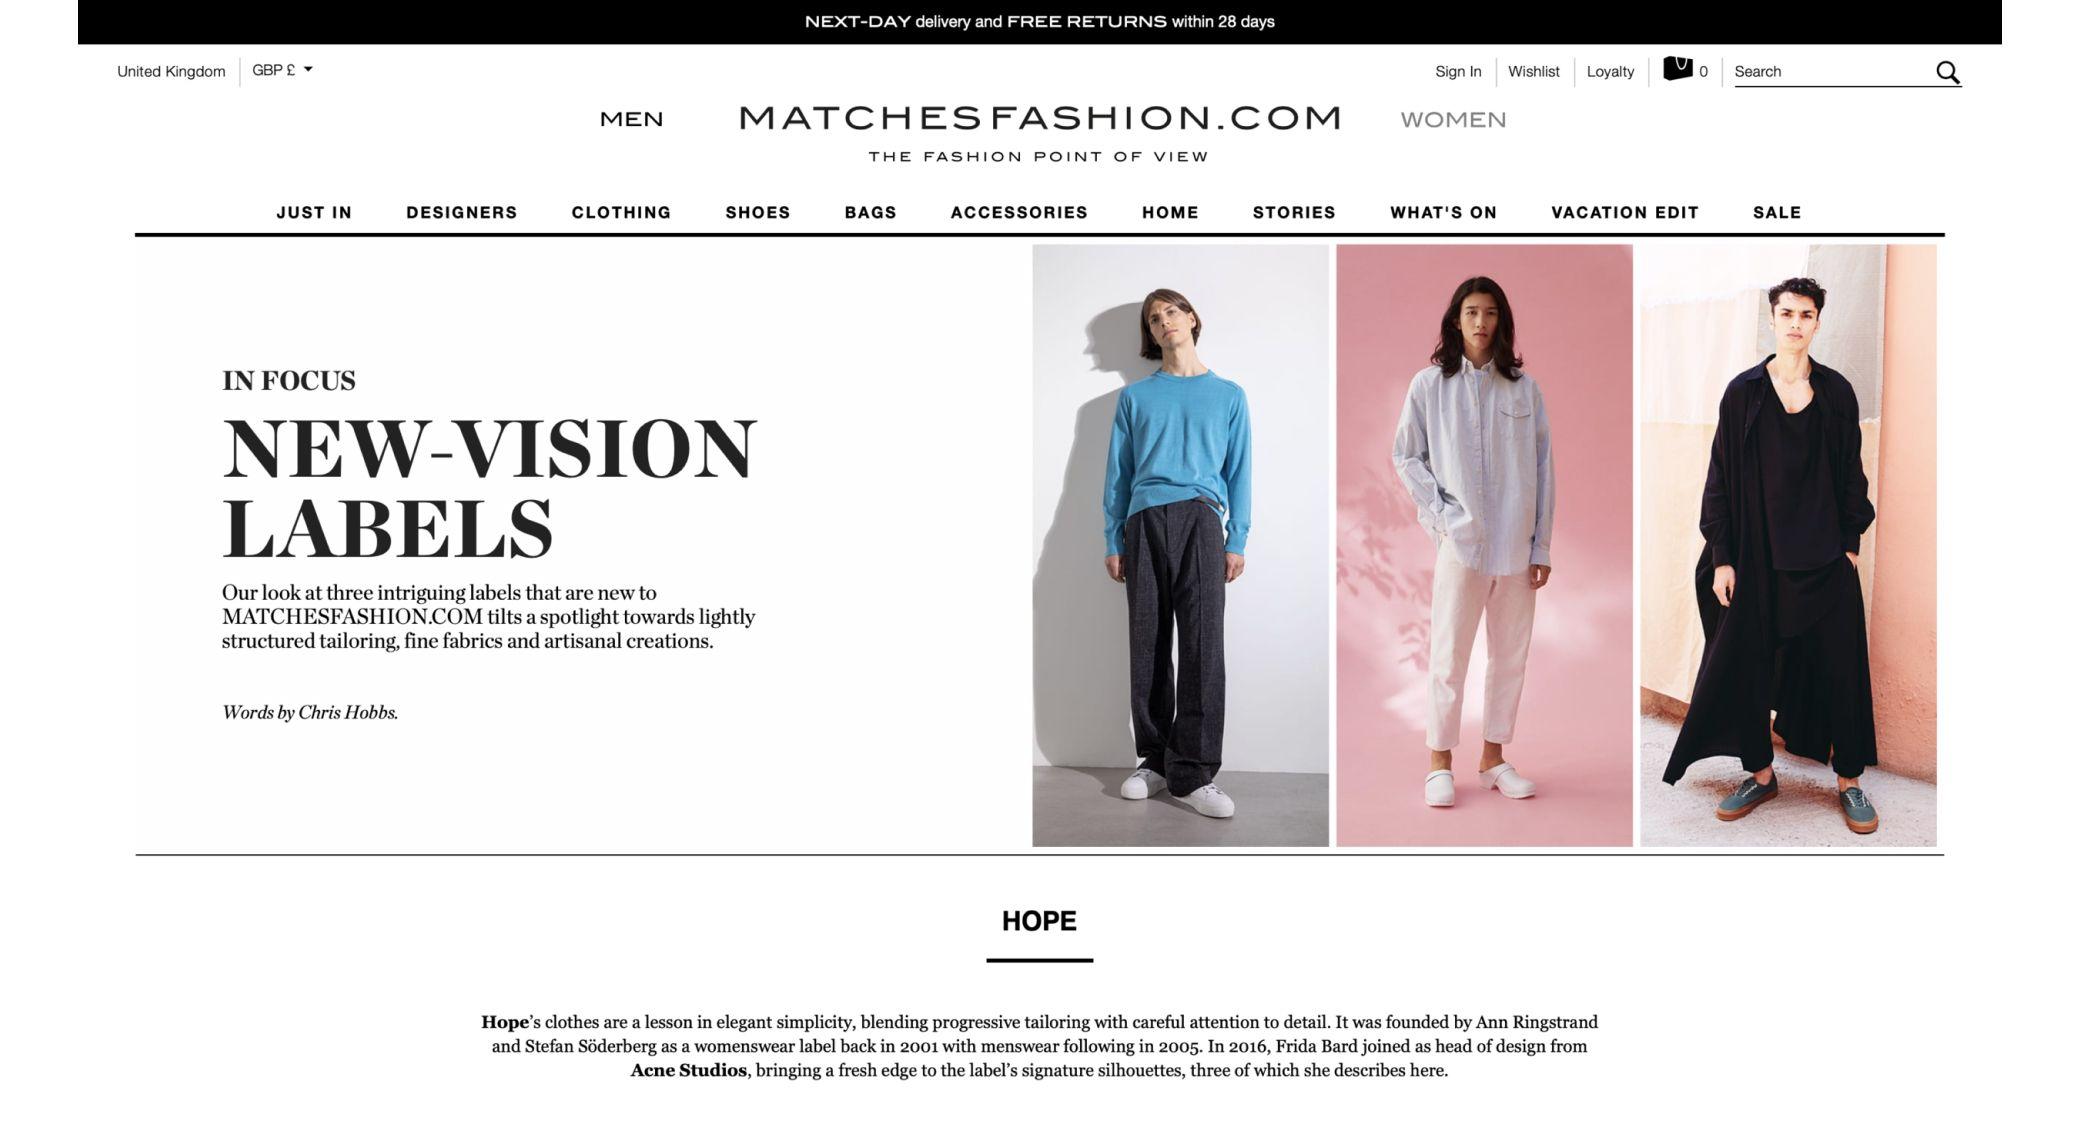 matchesfashion screenshot